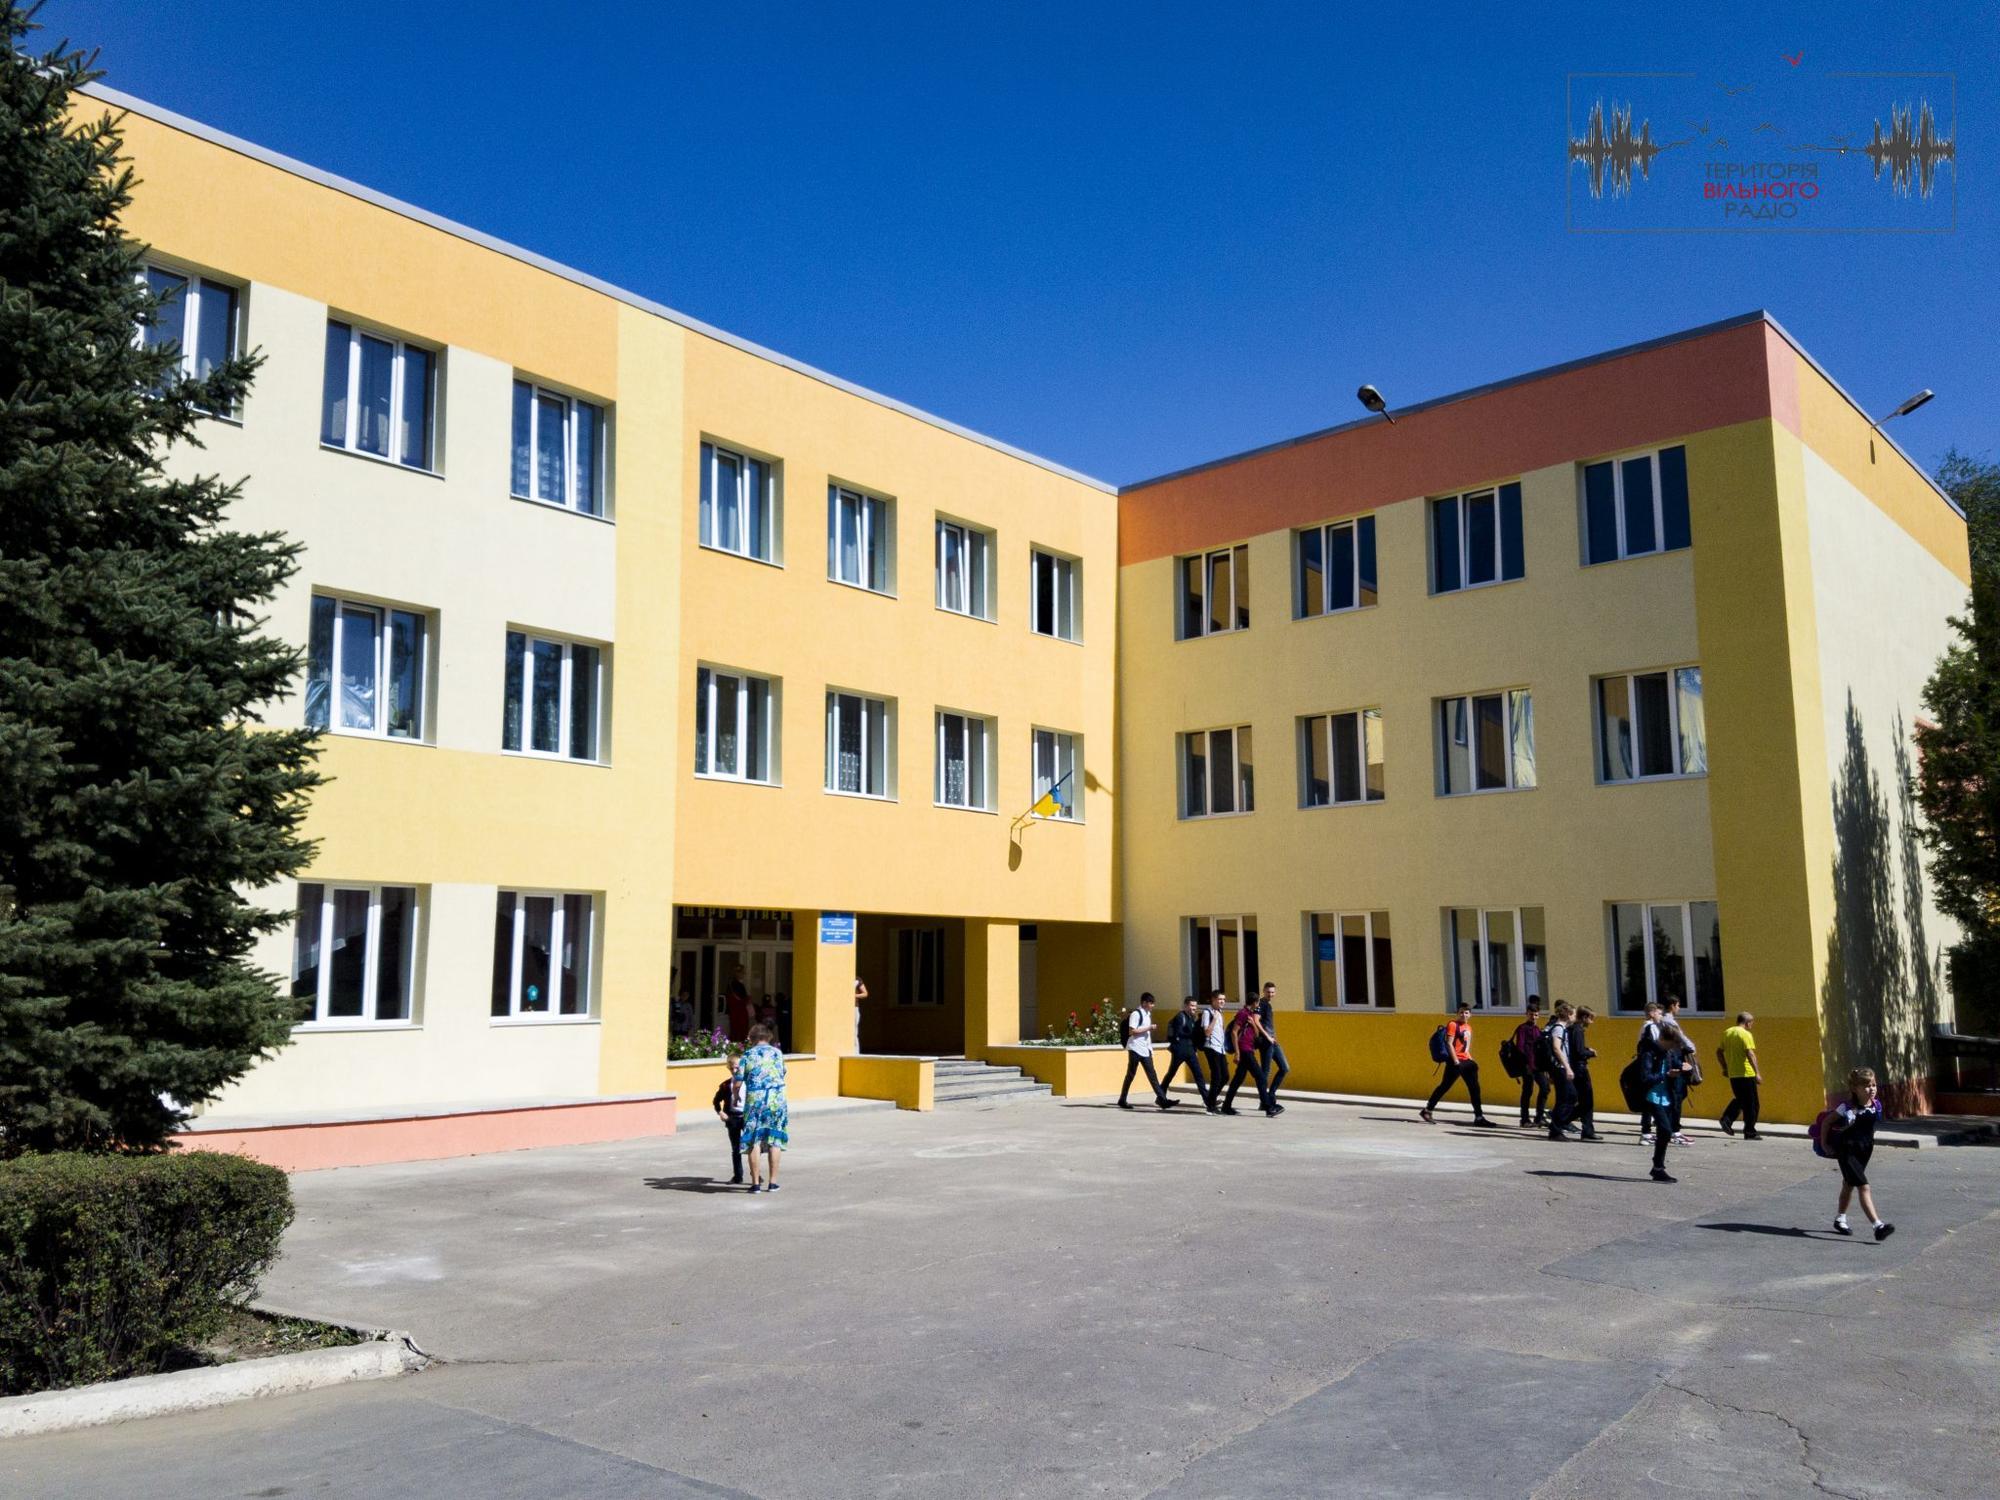 Ремонт в Бахмутській ЗОШ №10 планують закінчити до 1 жовтня. В школах №11 та 12 пізніше